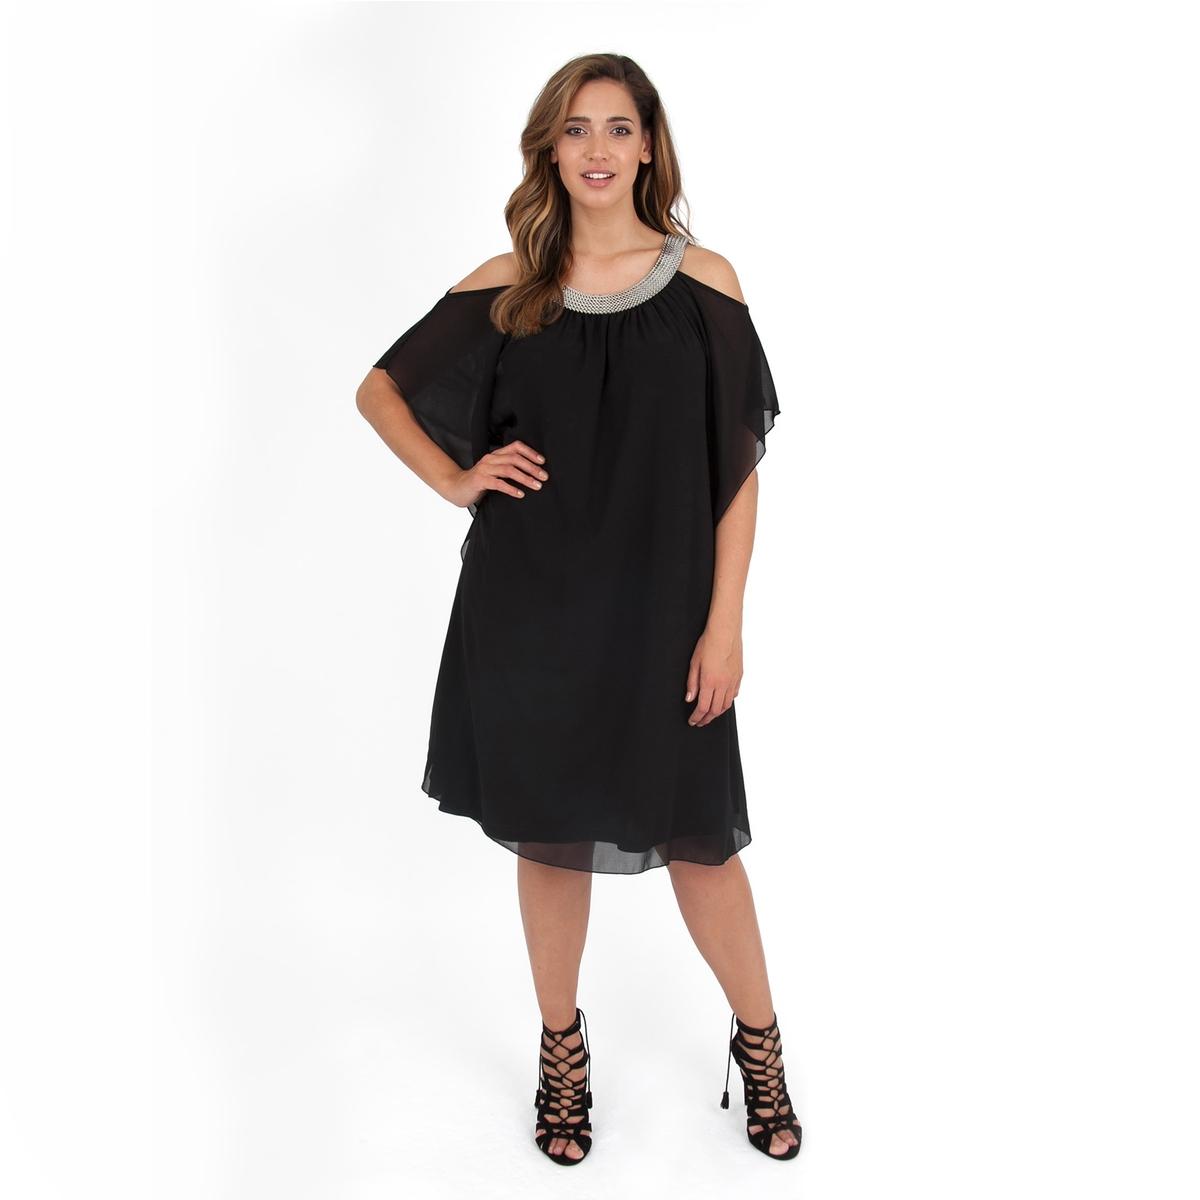 Платье прямое средней длины, однотонное, с короткими рукавамиОписание:Детали  •  Форма : прямая  •  Длина до колен •  Короткие рукава    •  Круглый вырезСостав и уход  •  100% полиэстер •  Следуйте советам по уходу, указанным на этикеткеТовар из коллекции больших размеров<br><br>Цвет: черный<br>Размер: 50/52 (FR) - 56/58 (RUS)